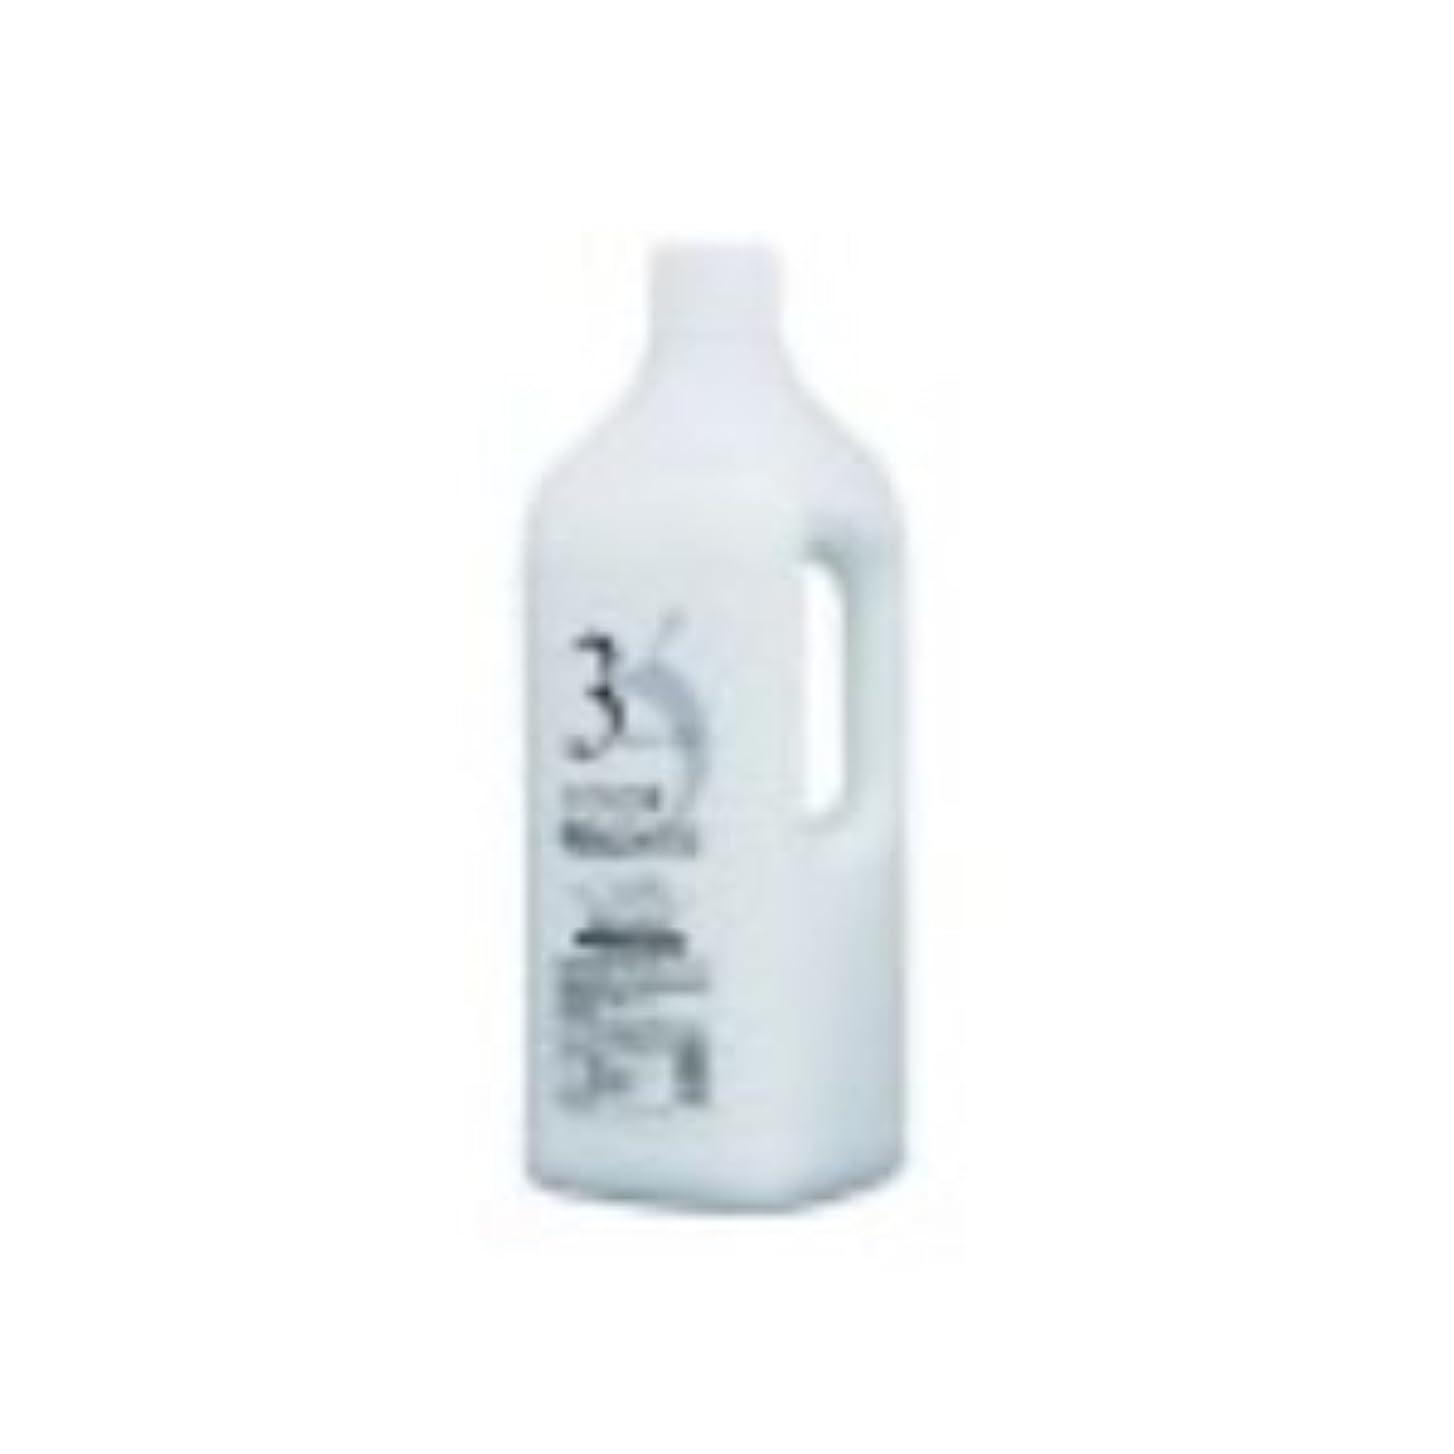 コットンファンブルマインドフルメロスコスメティックス ヘアカラーファンデーション プロキサイド?ヘアカラー用2剤 3% 2000ml